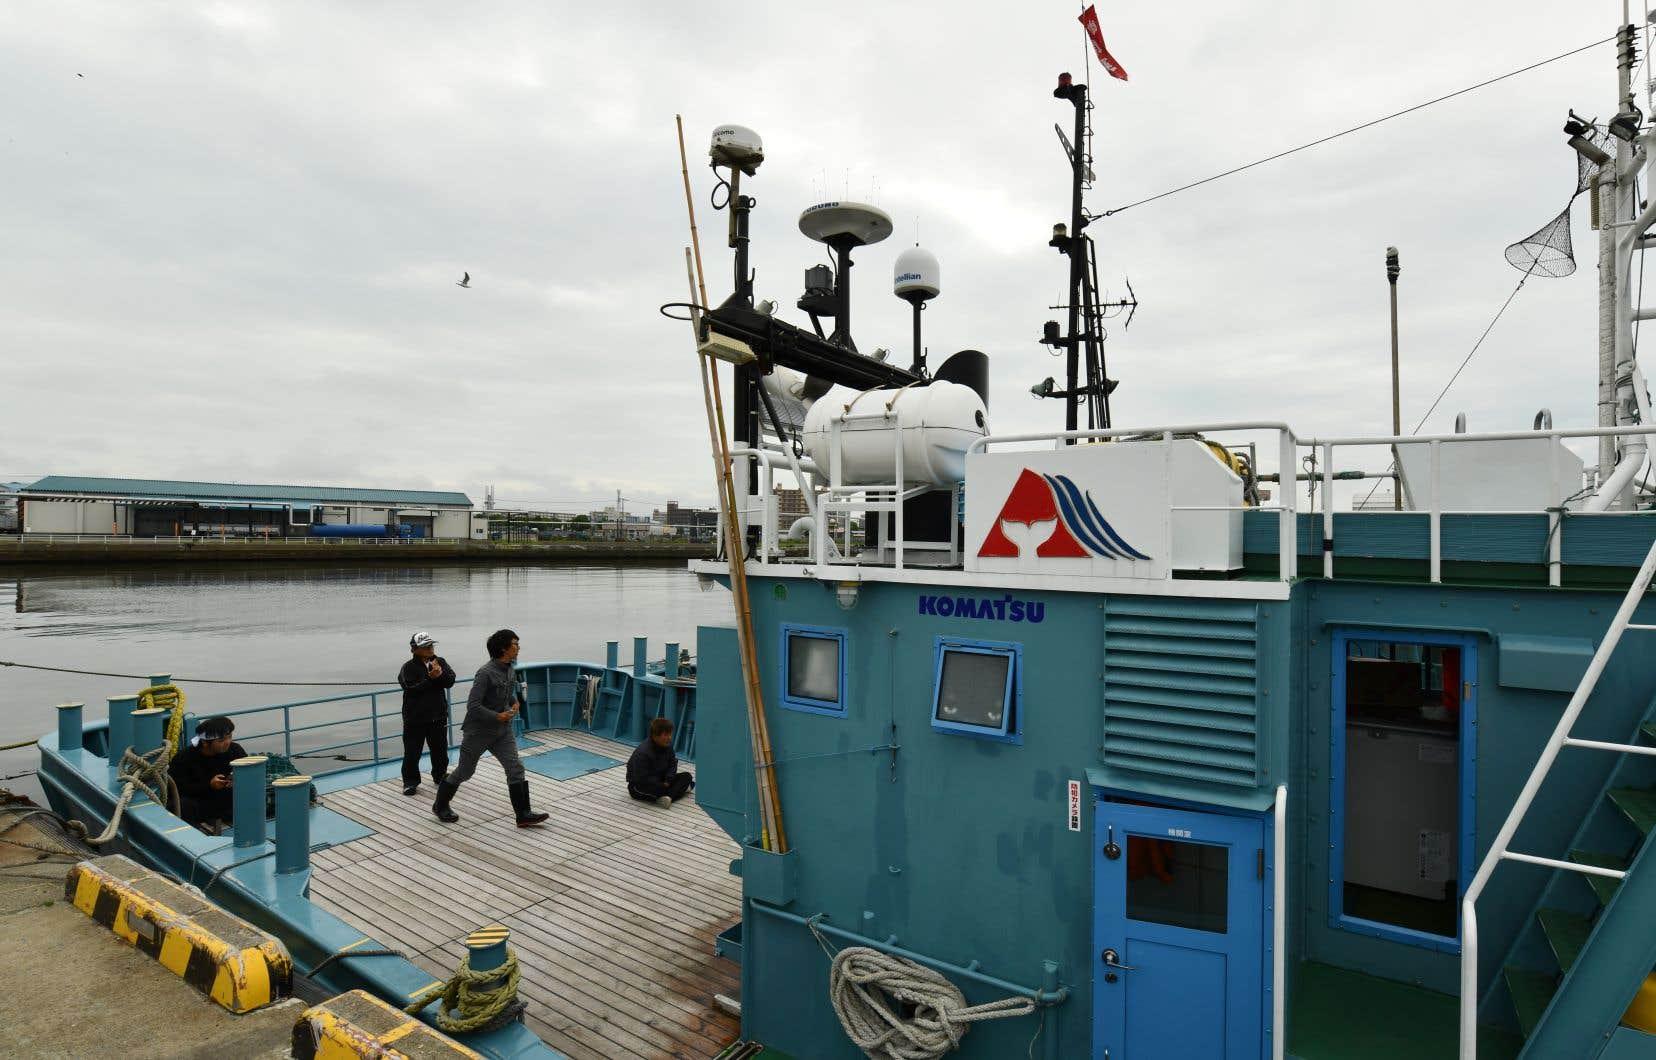 Le départ de ces cinq bateaux de l'île de Hokkaido, sous un ciel nuageux, acte la décision prise six mois auparavant par le gouvernement japonais de quitter la Commission baleinière internationale (CBI) et de s'affranchir ainsi d'un moratoire.